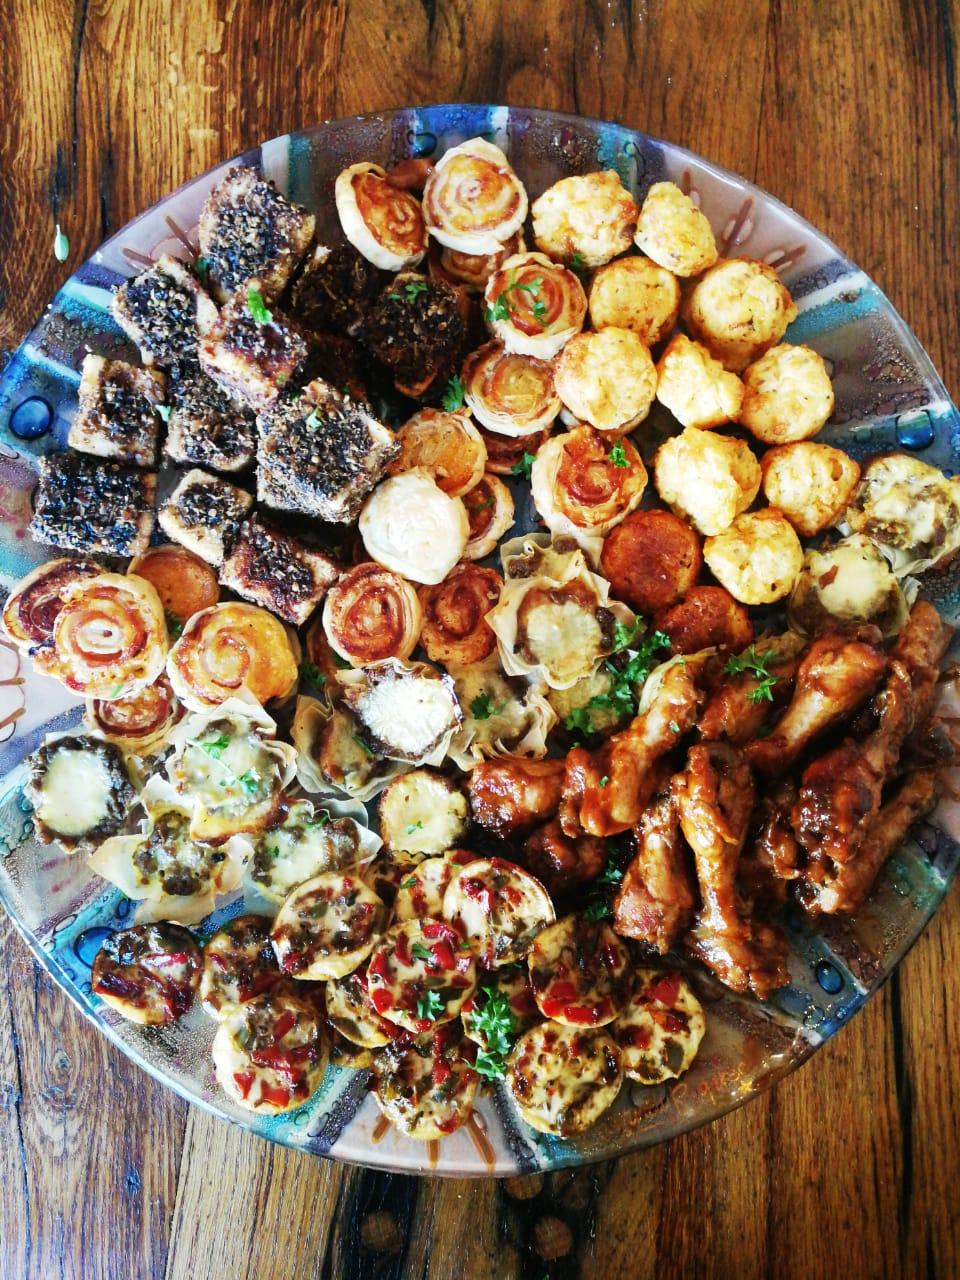 catering-platter.JPG